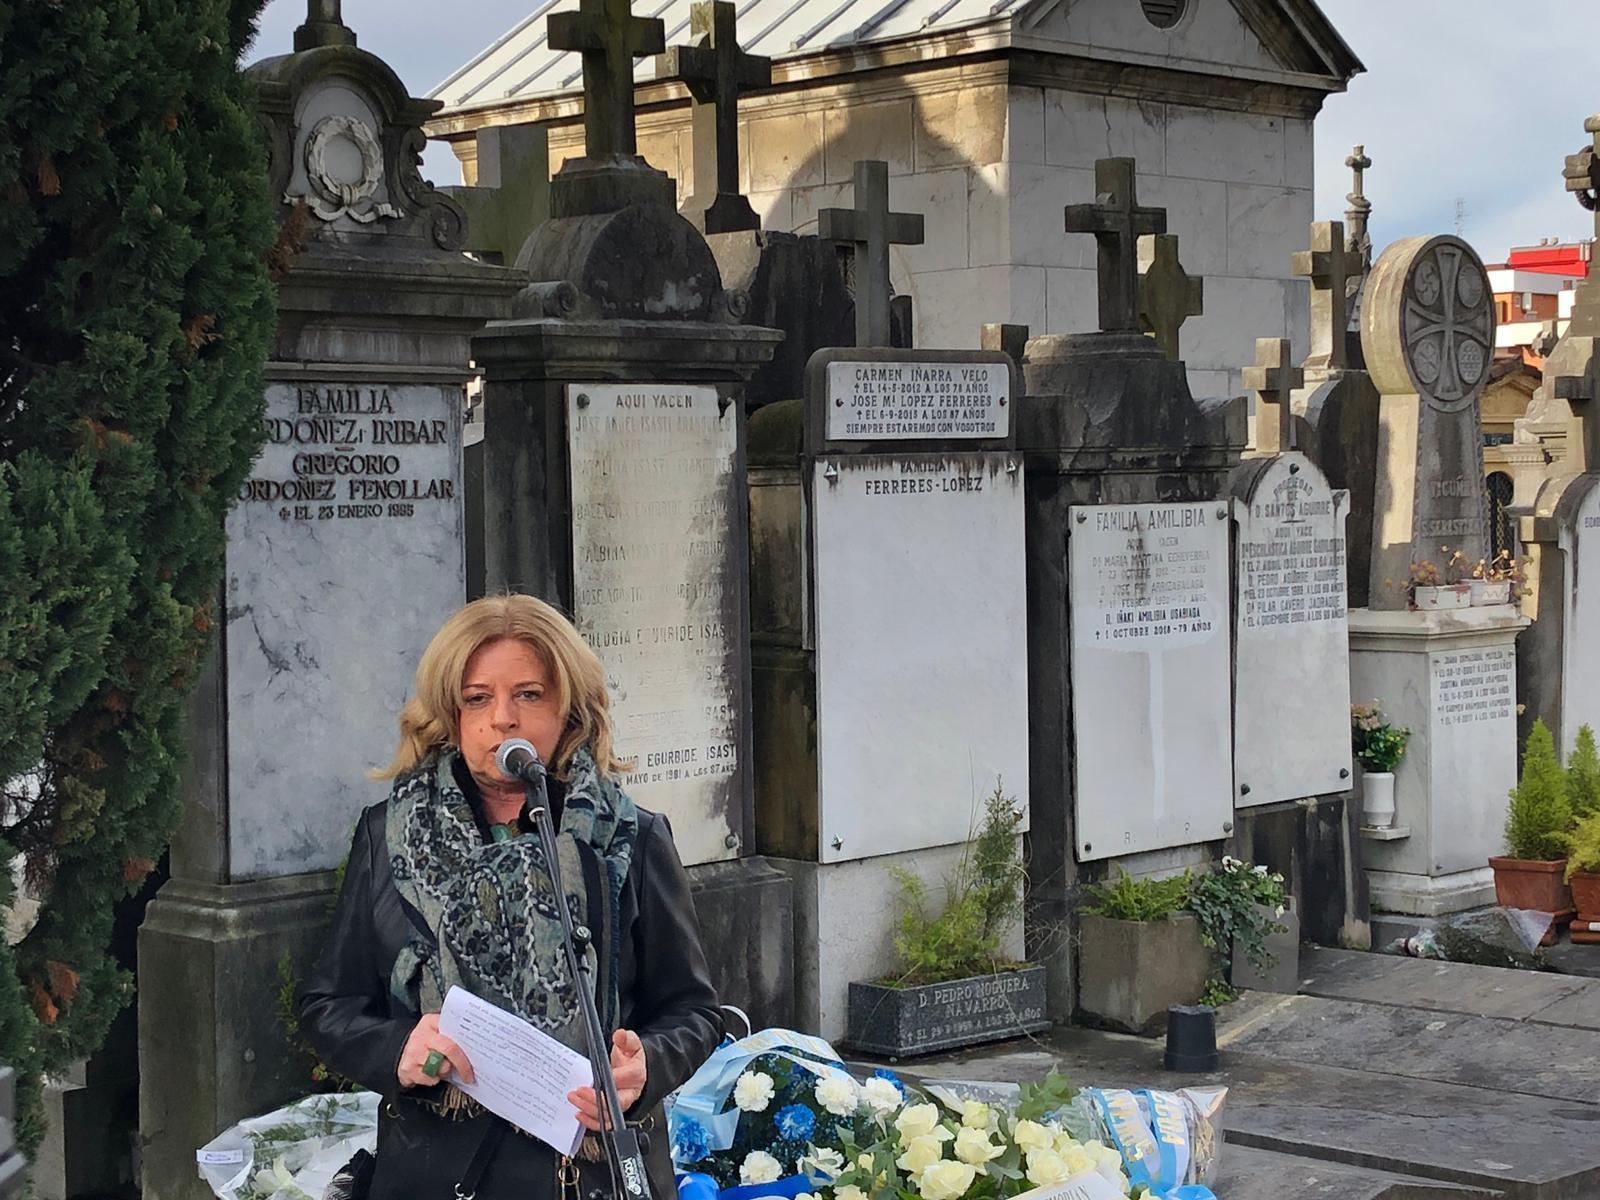 La presidenta de COVITE, Consuelo Ordóñez, durante su intervención en el cementerio de Polloe.